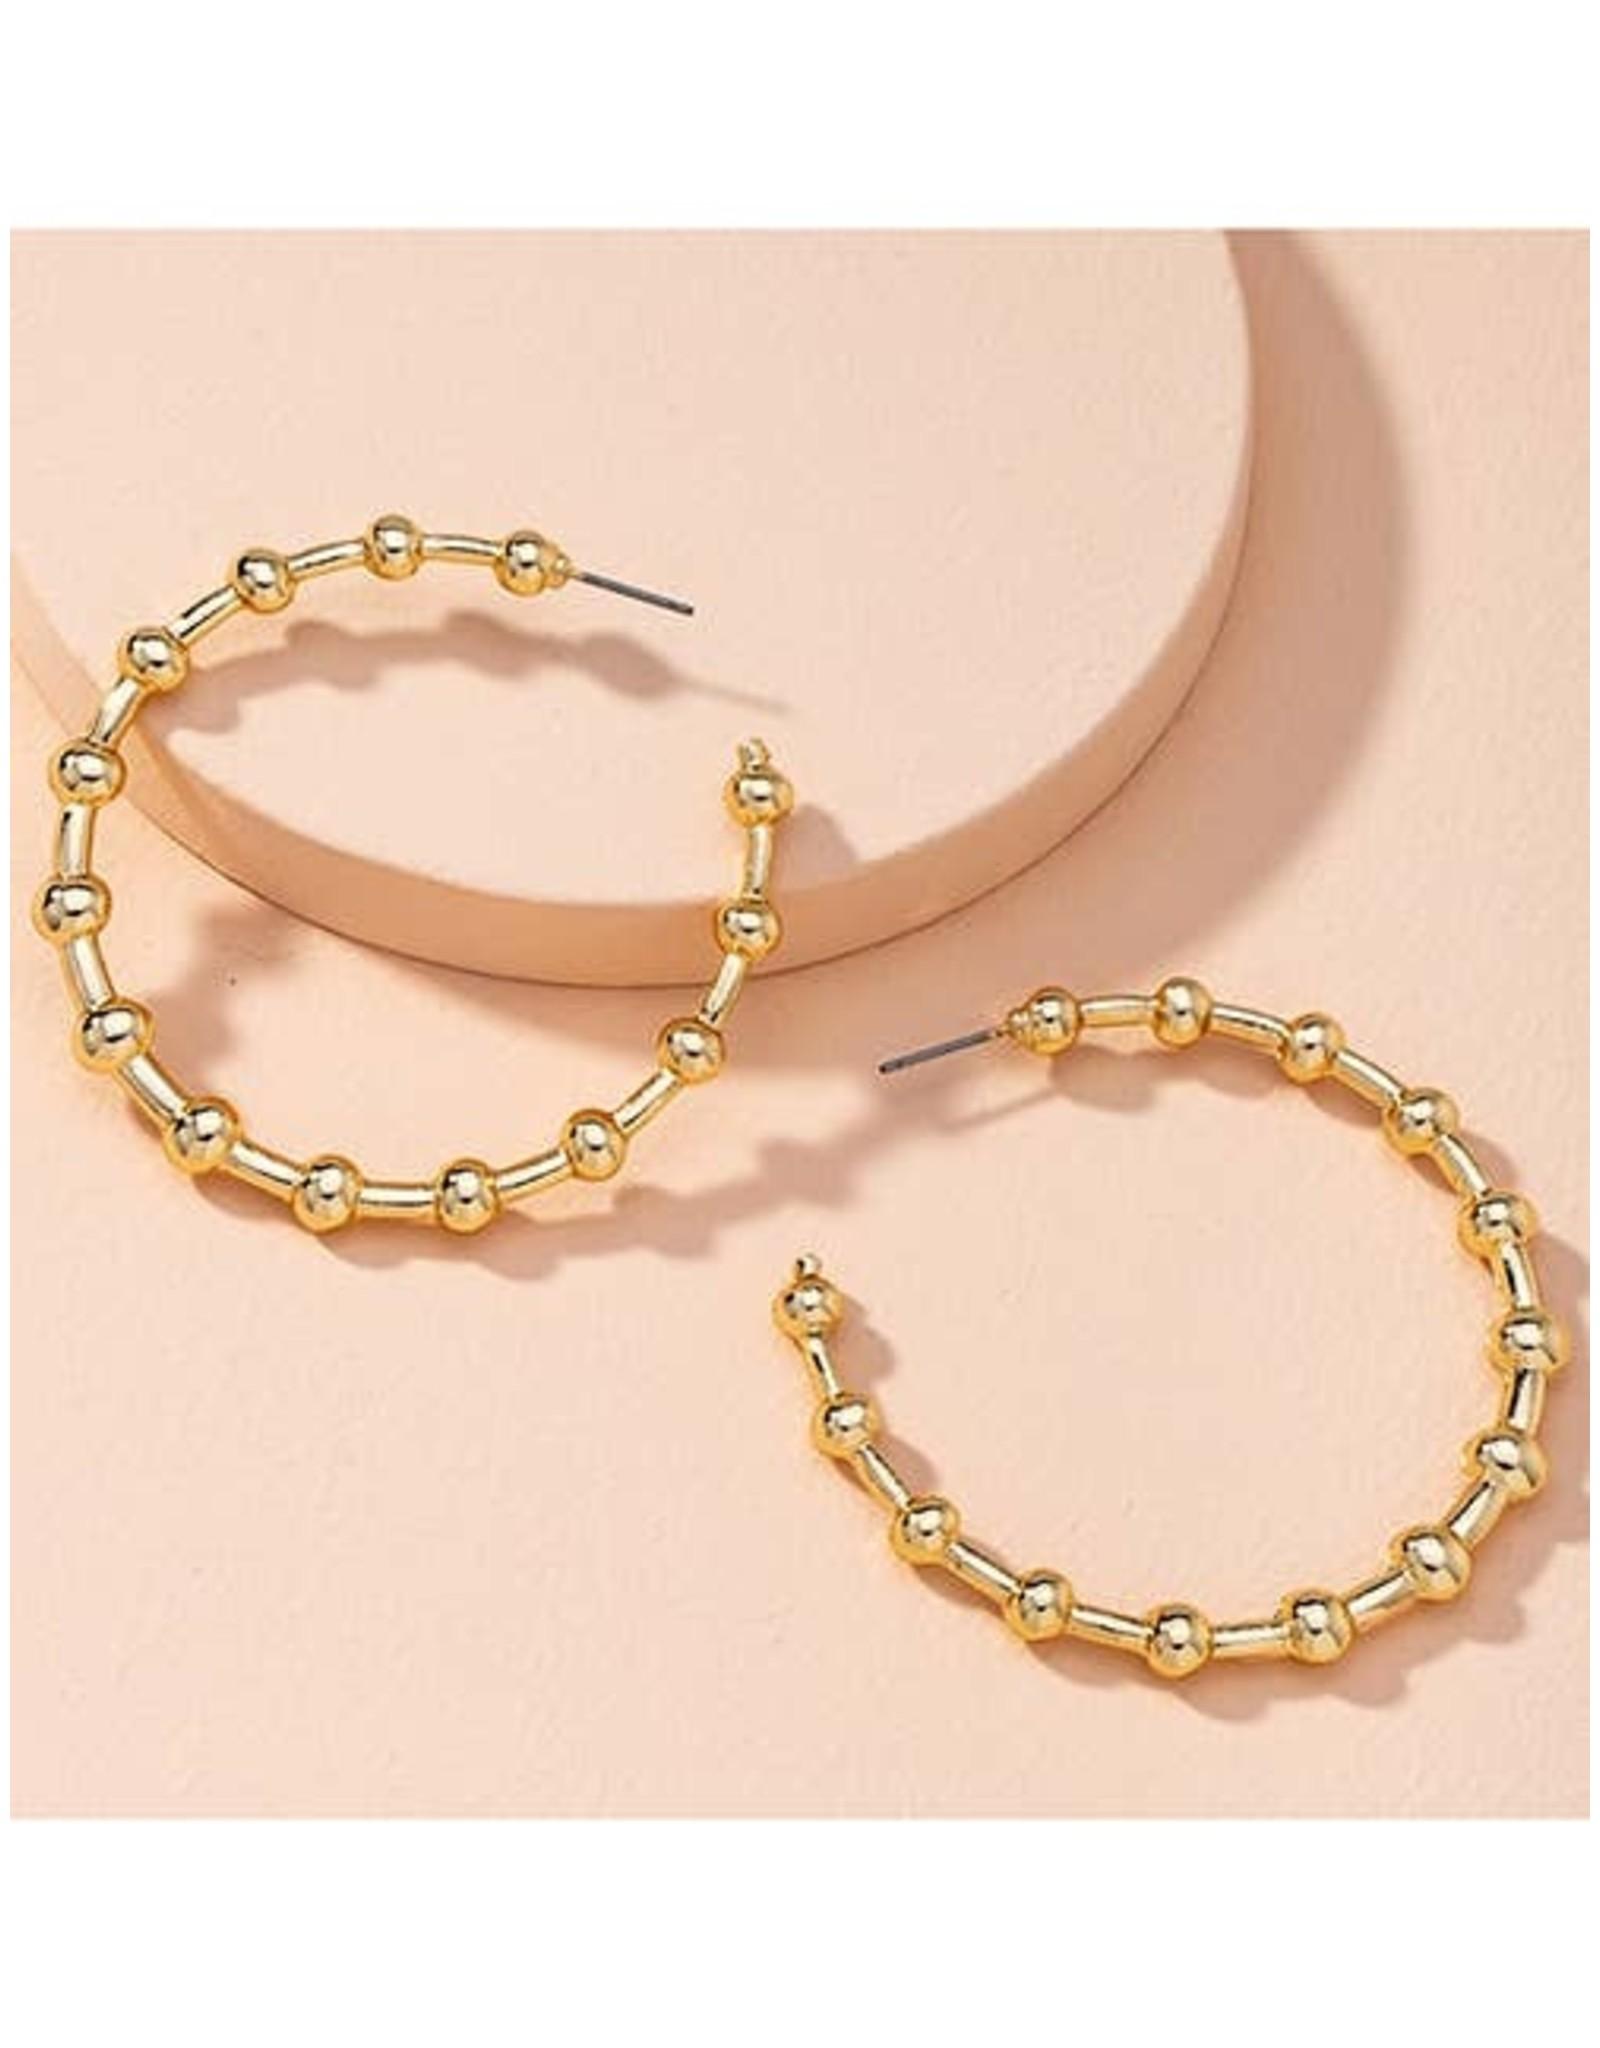 KOKO & LOLA GOLD BEADED HOOP EARRINGS